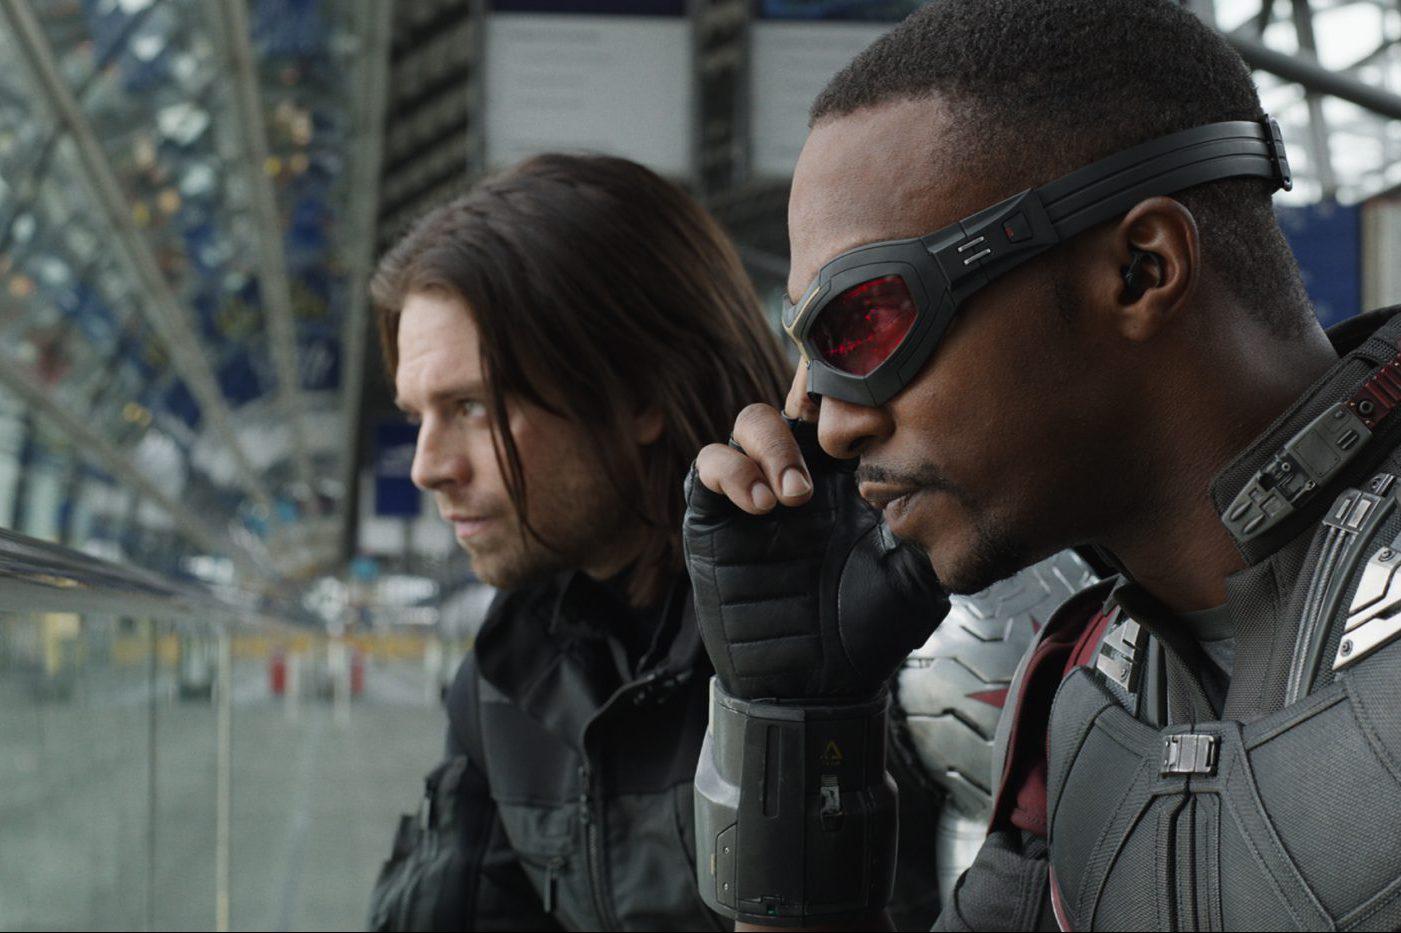 La surprenante stratégie de Marvel pour promouvoir Falcon et le Soldat de l'Hiver sur les réseaux sociaux - Presse-citron